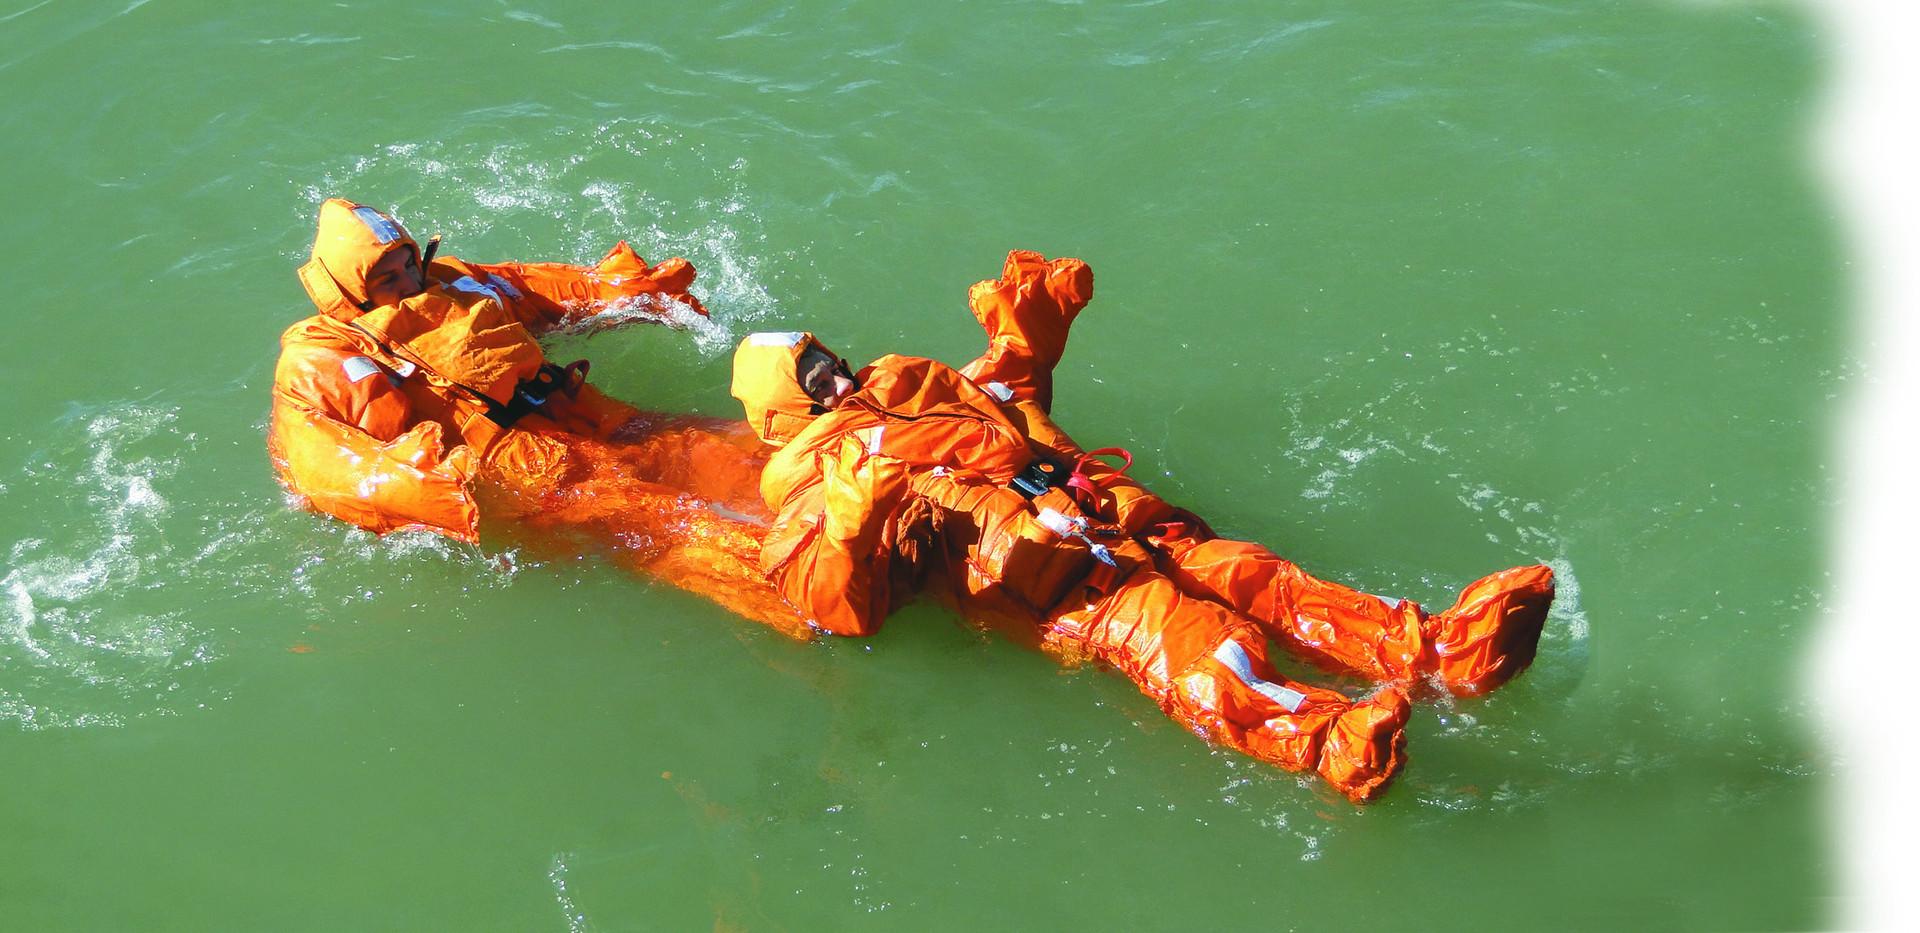 traje de salvamento 078.jpg